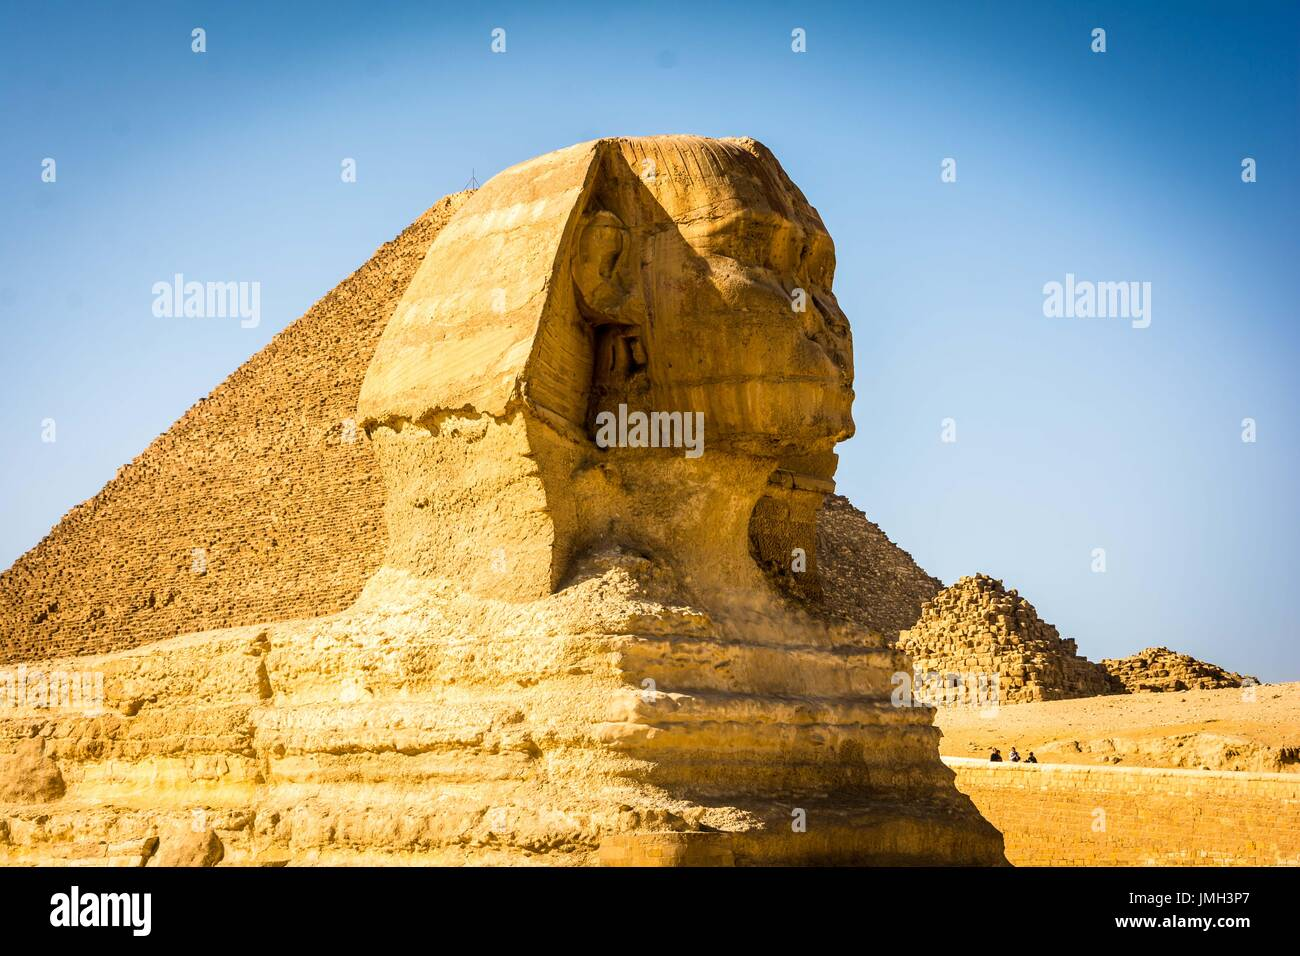 die Sphinx bewacht die Pyramiden Stockfoto